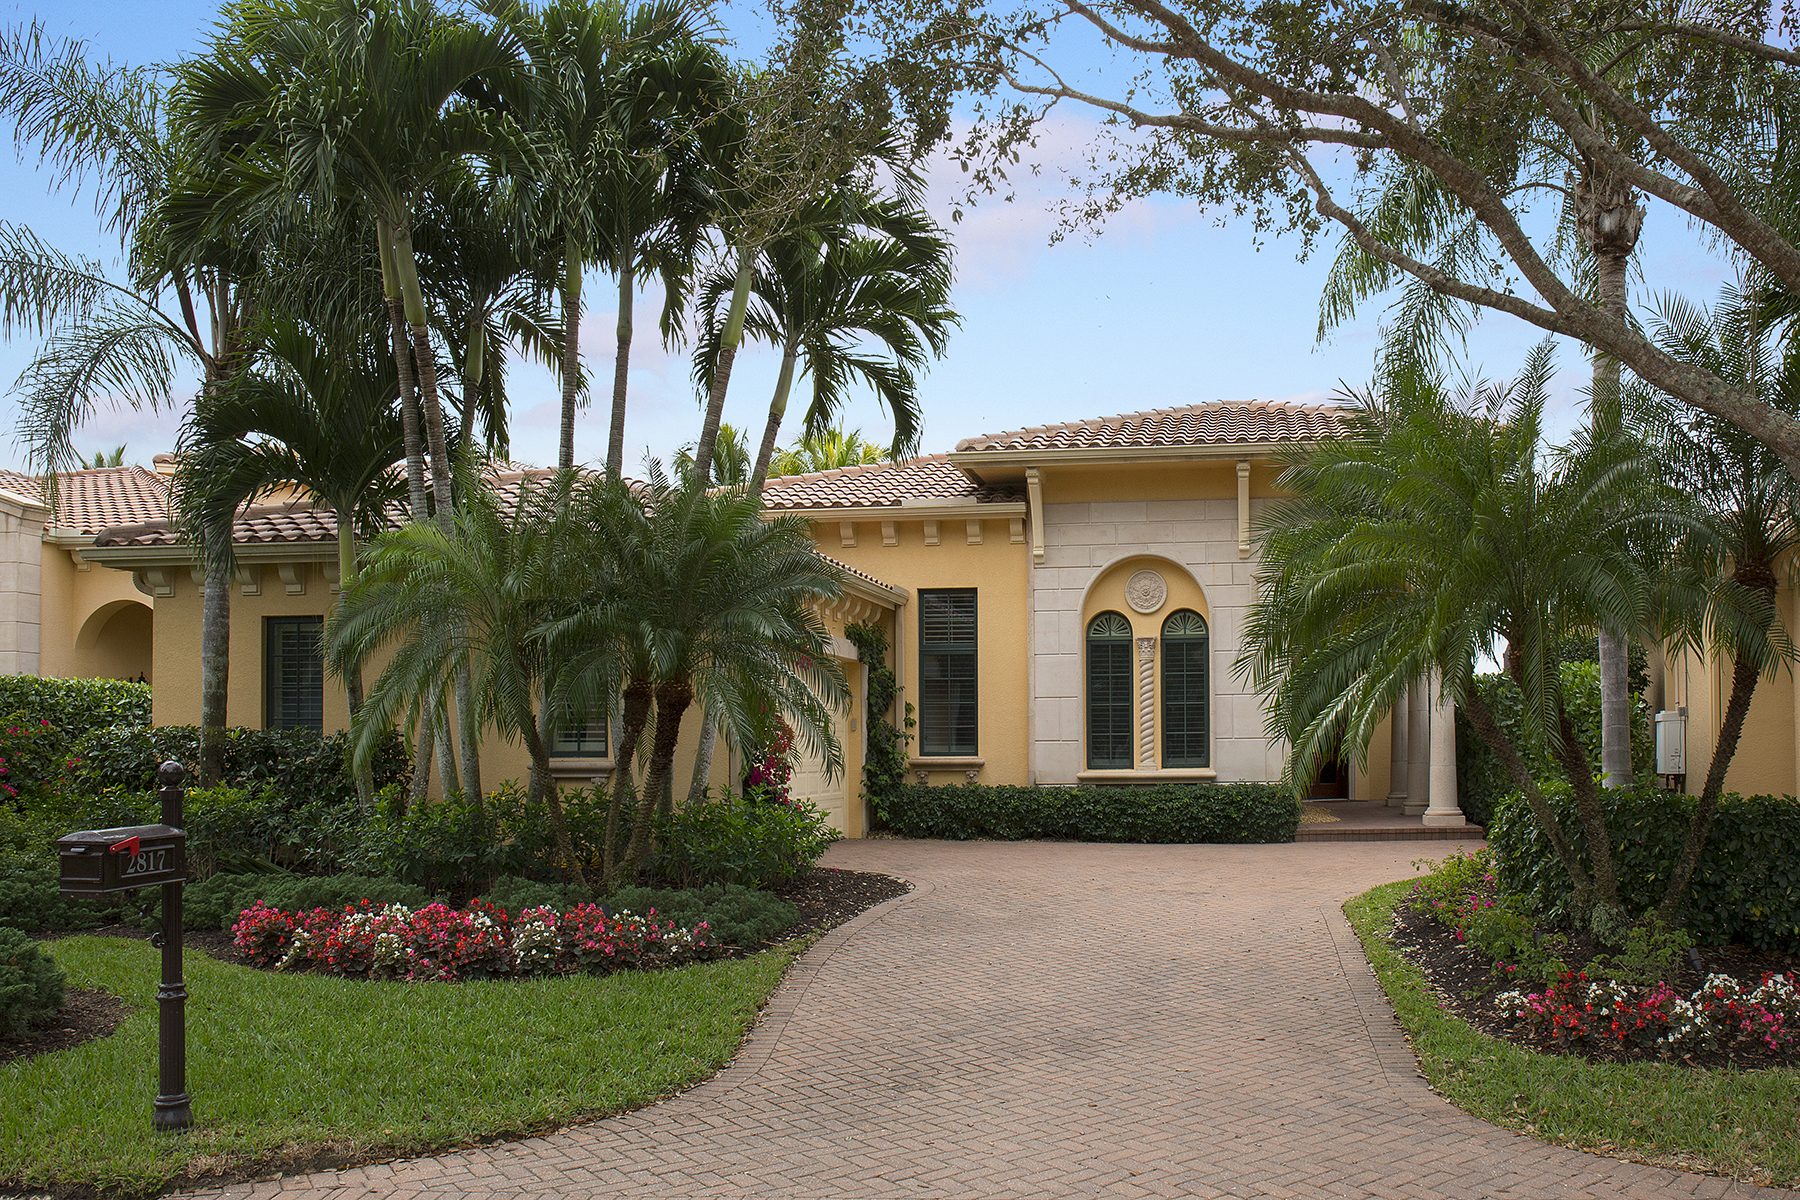 단독 가정 주택 용 매매 에 GREY OAKS 2817 Capistrano Way Grey Oaks, Naples, 플로리다, 34105 미국